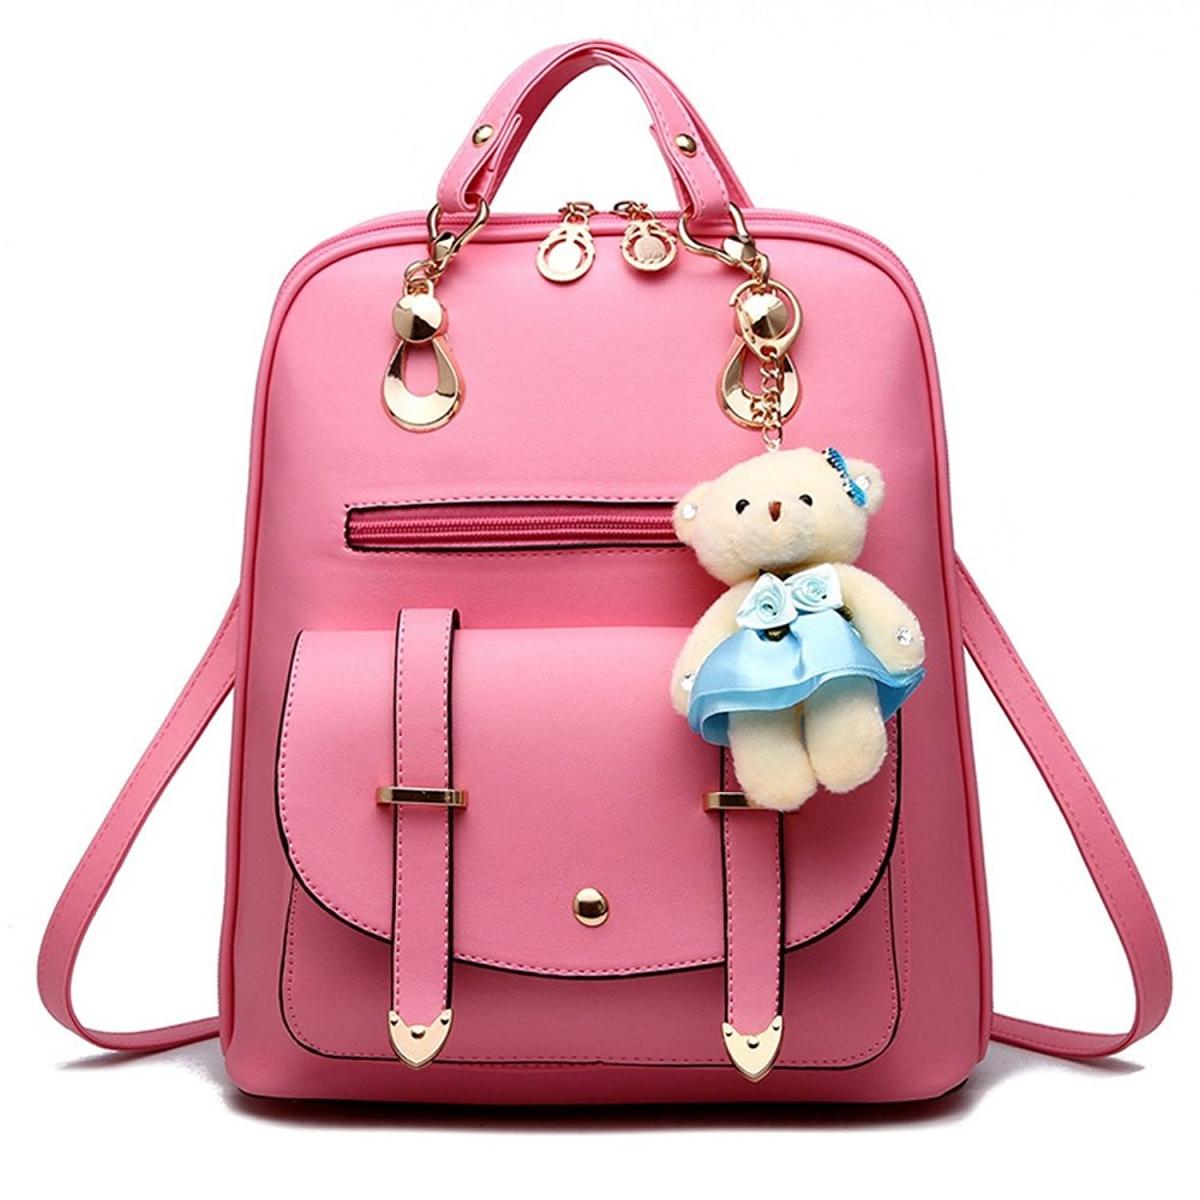 Módní batoh s modrým medvídkem PL29 - růžový